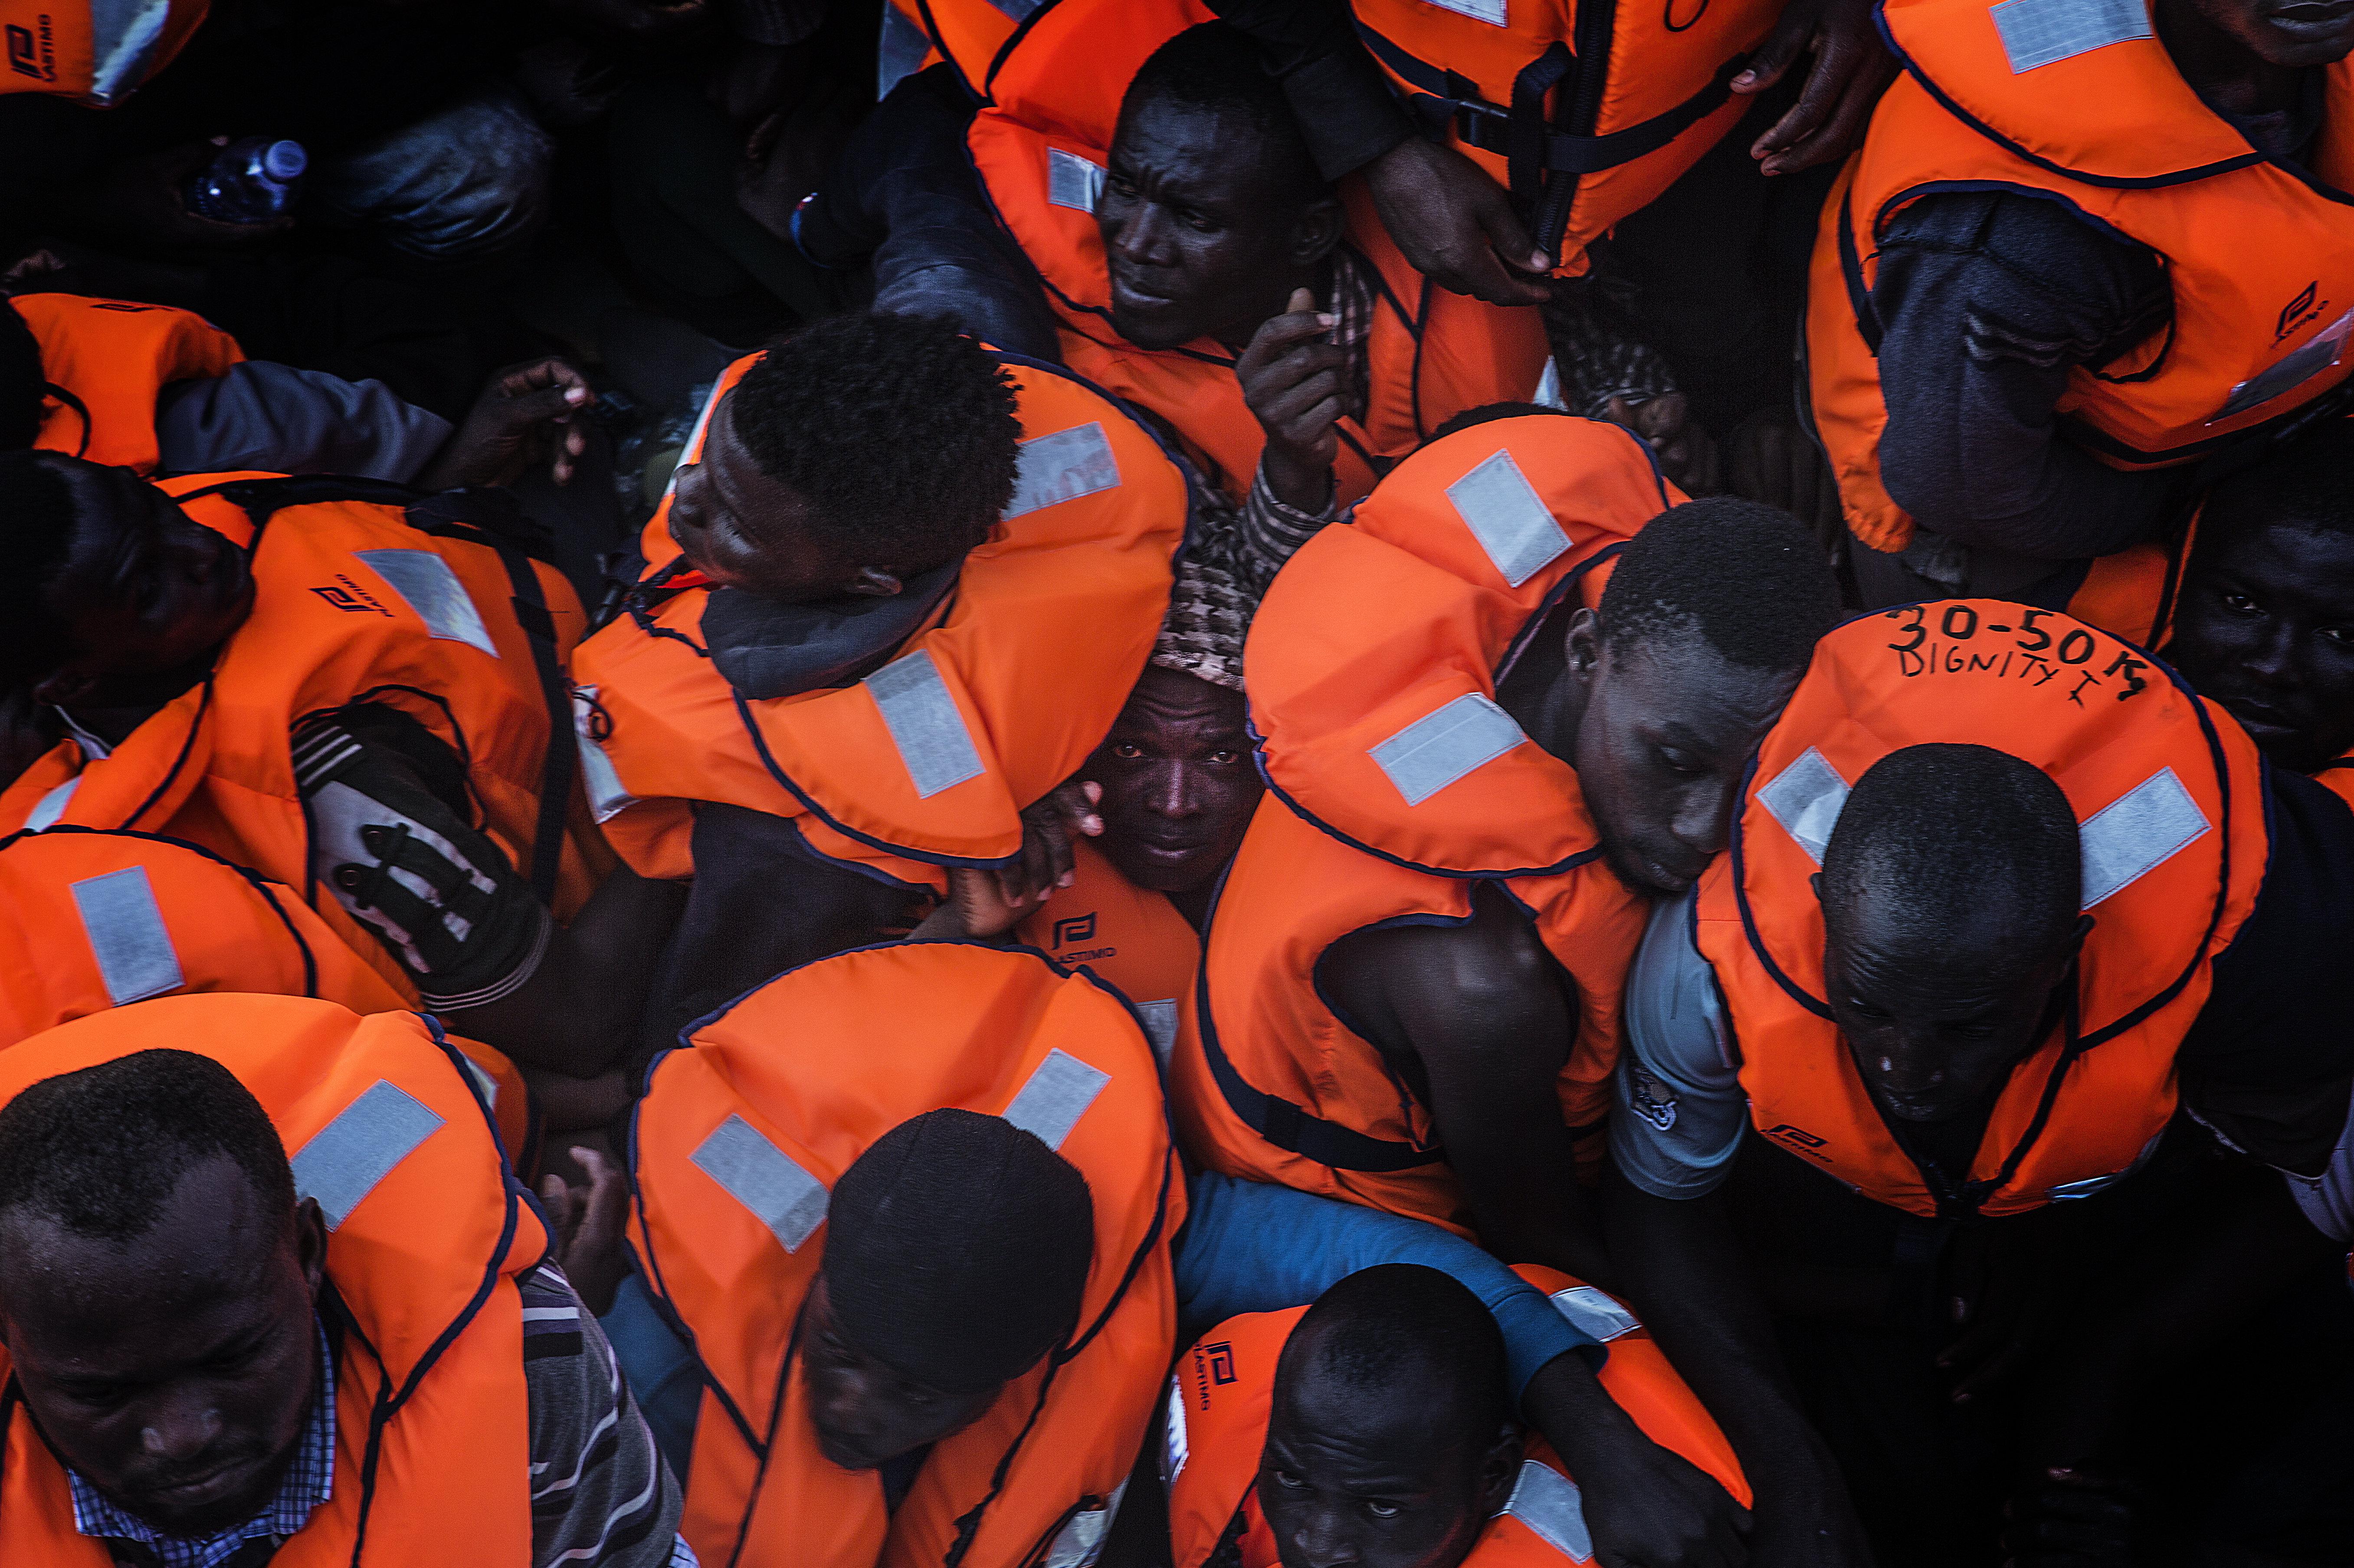 El Mar Mediterráneo es una de las rutas migratorias más peligrosas del mundo: en 2016 murieron ahogadas más de 5.000 personas